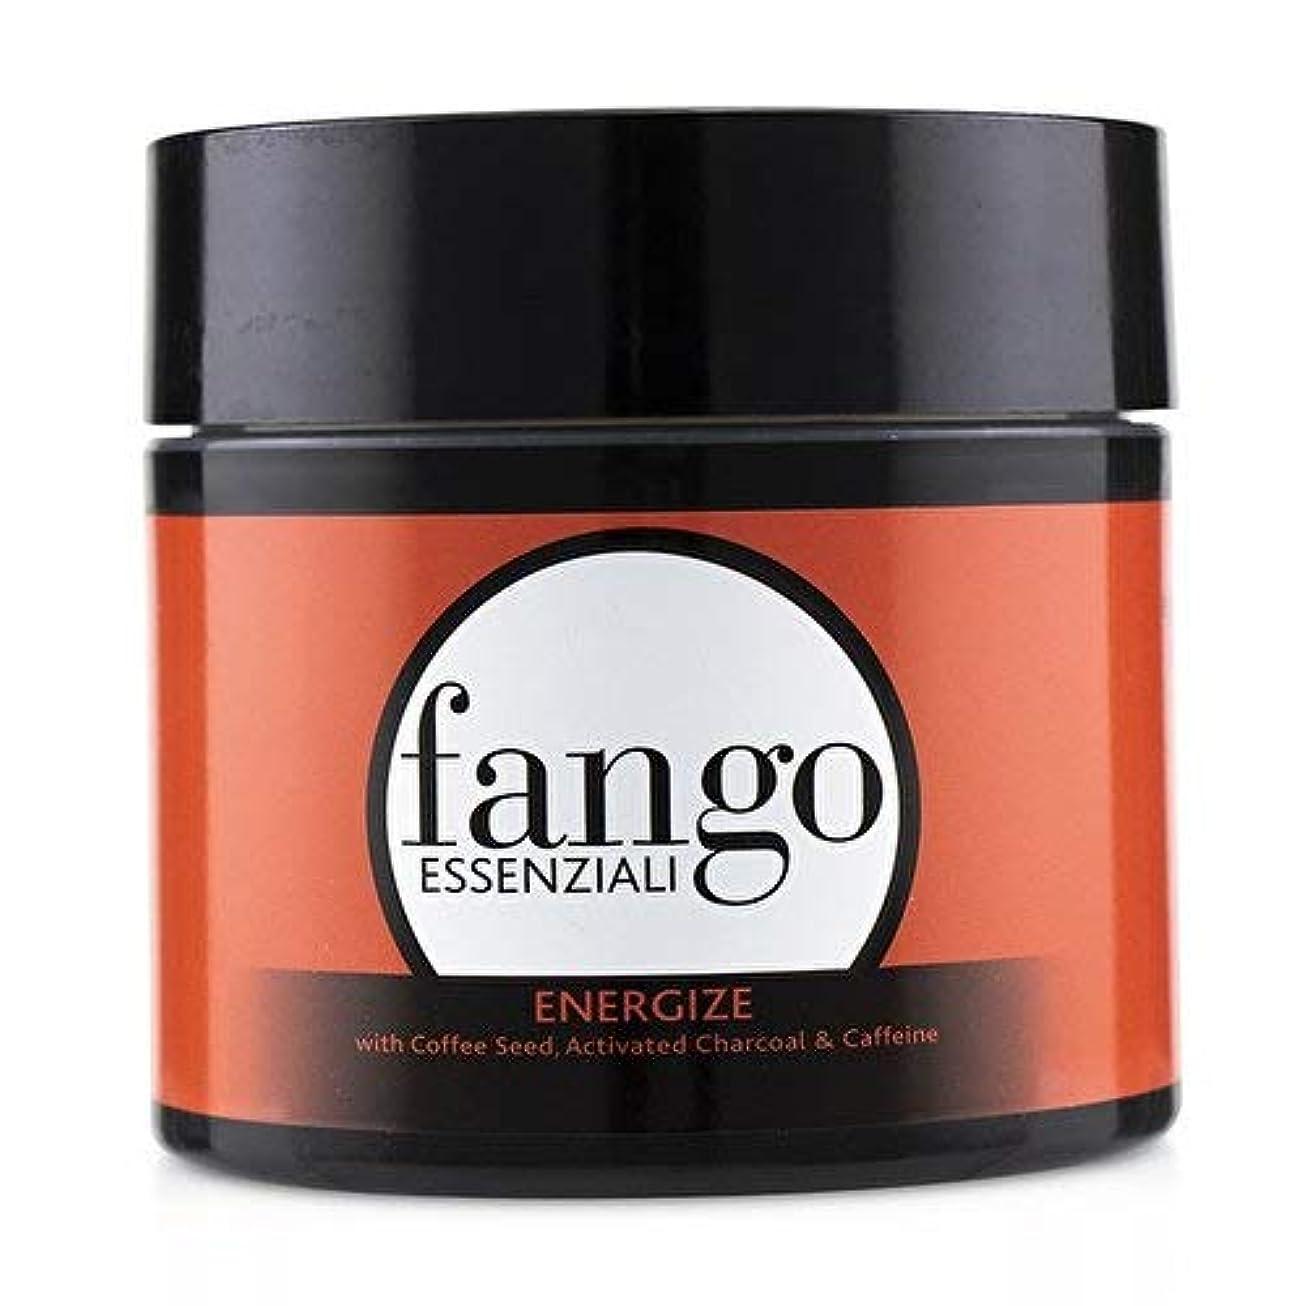 フィルタ自分の力ですべてをする大学生ボルゲーゼ Fango Essenziali Energize Mud Mask with Coffee Seed, Activated Charcoal & Caffeine 198g/7oz並行輸入品